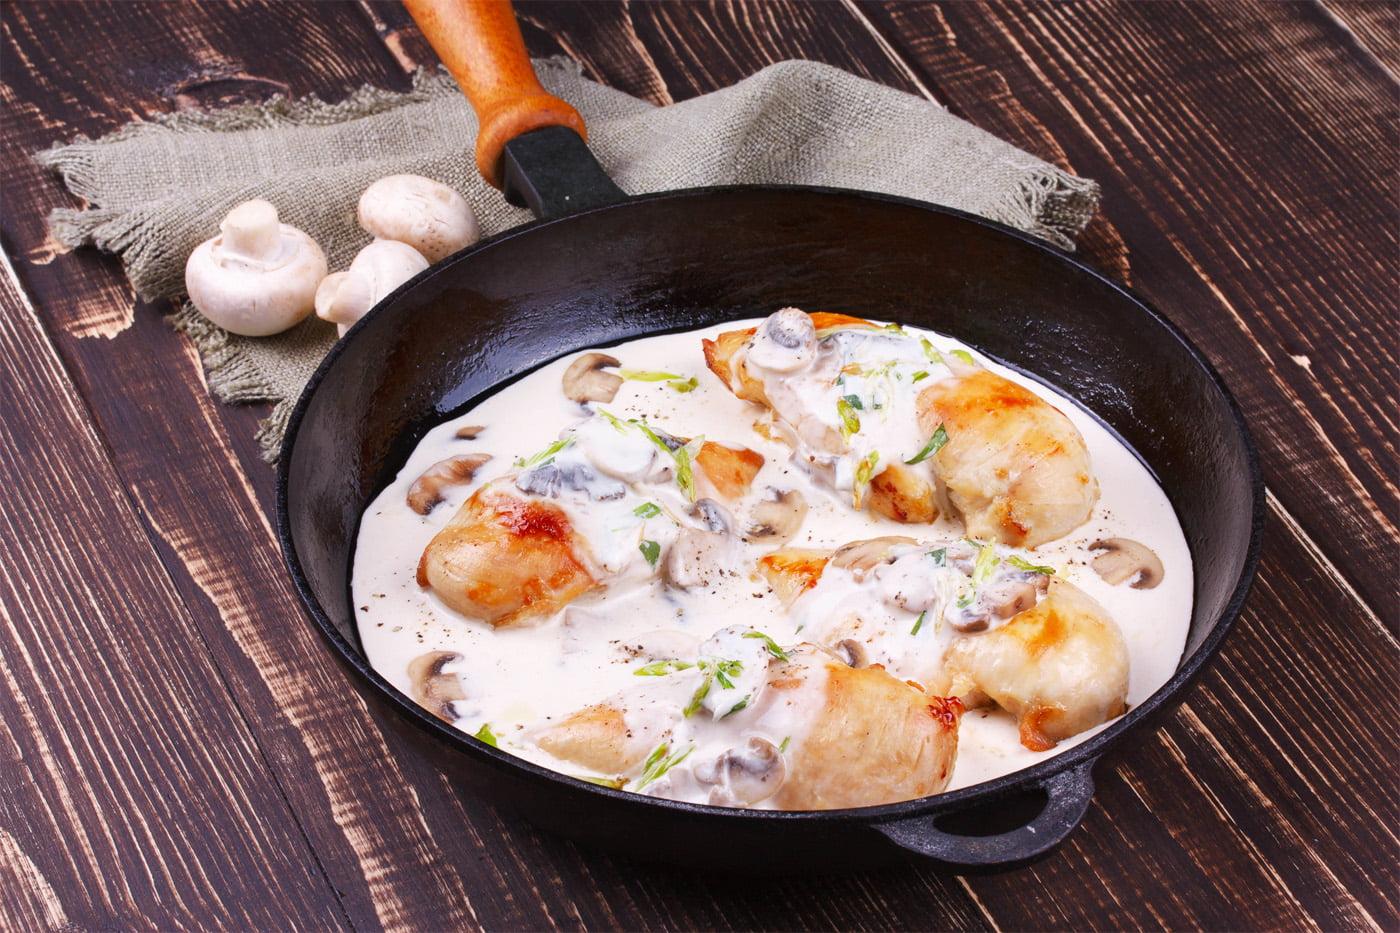 Classic French Bistro Cooking - Poulet à l'Estragon